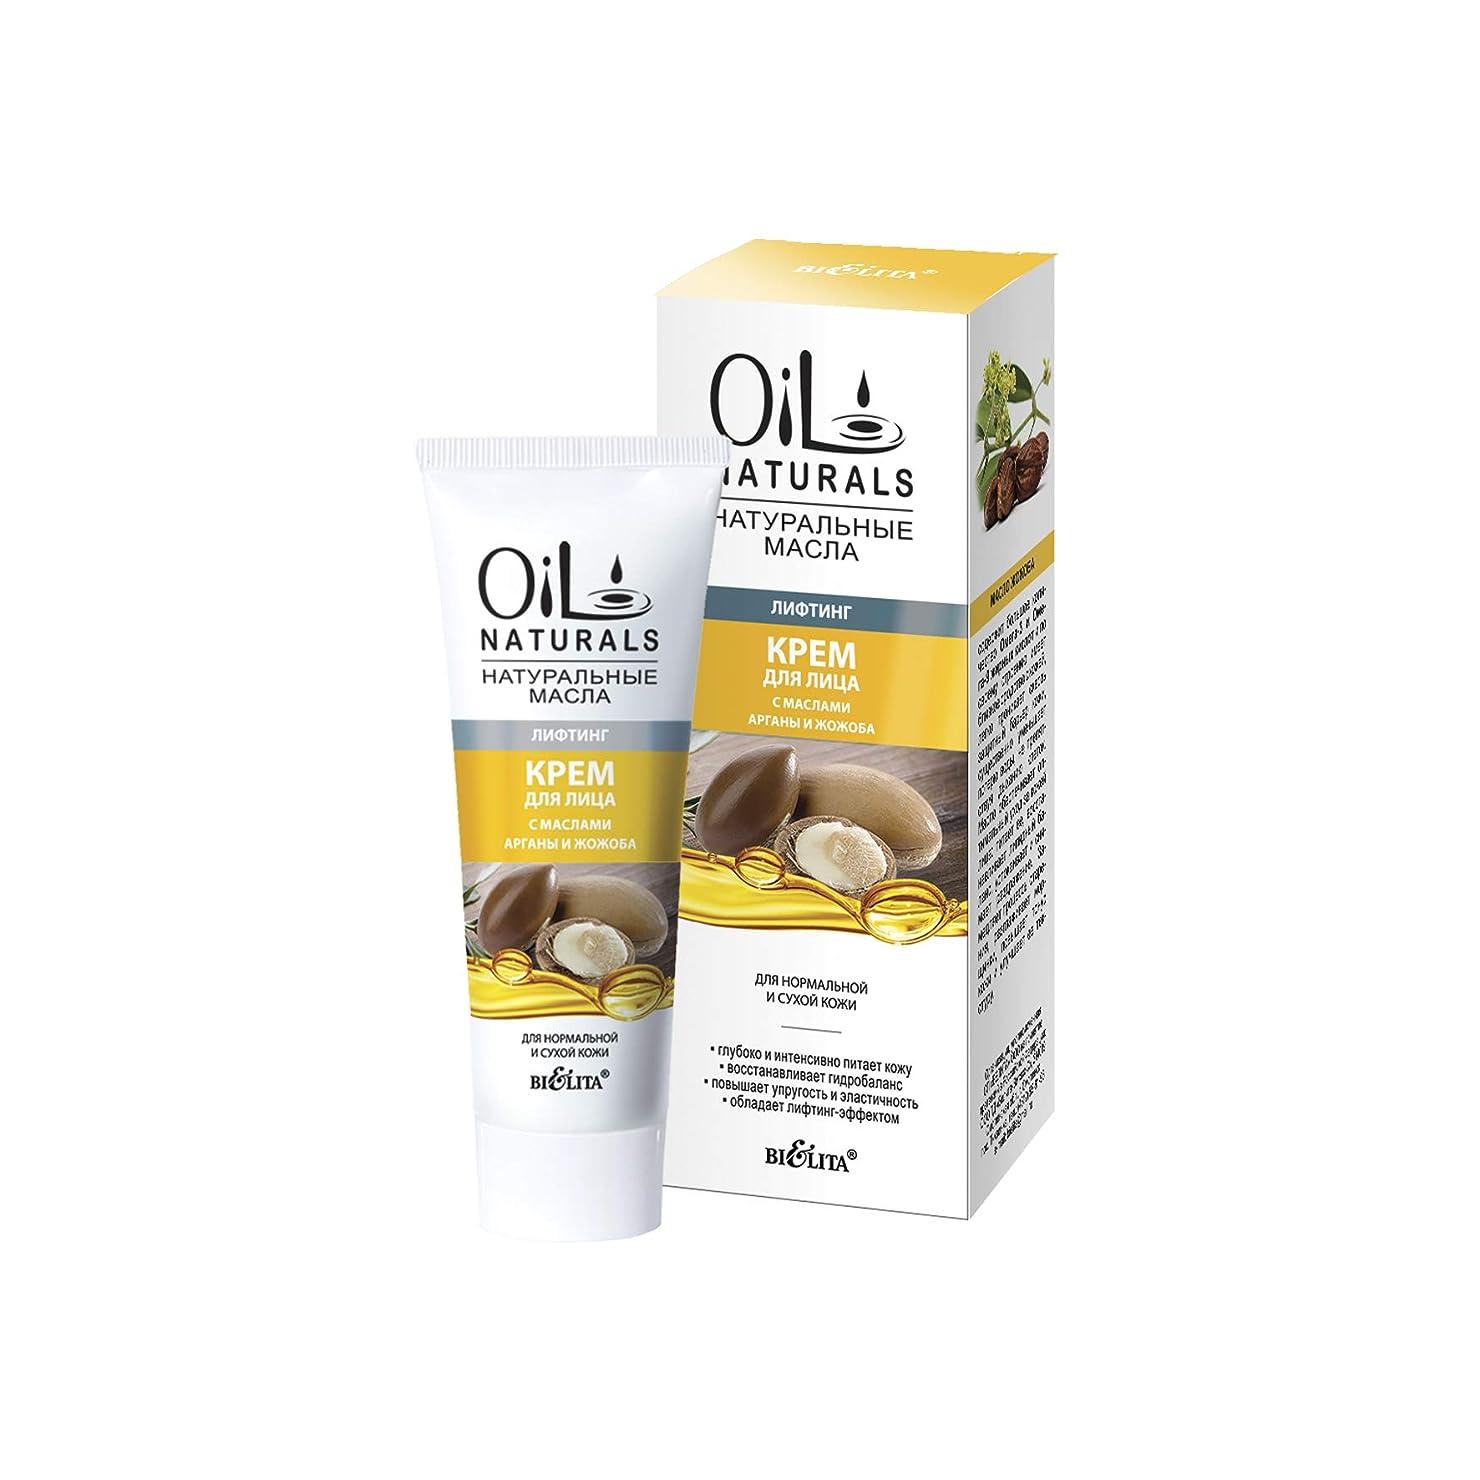 混雑表現ケイ素Bielita & Vitex | Argan Oil, Jojoba Oil Moisturising Cream for the Face 50ml | Intensive Moisturizer With Natural Cosmetic Oils for Normal and Dry Skin